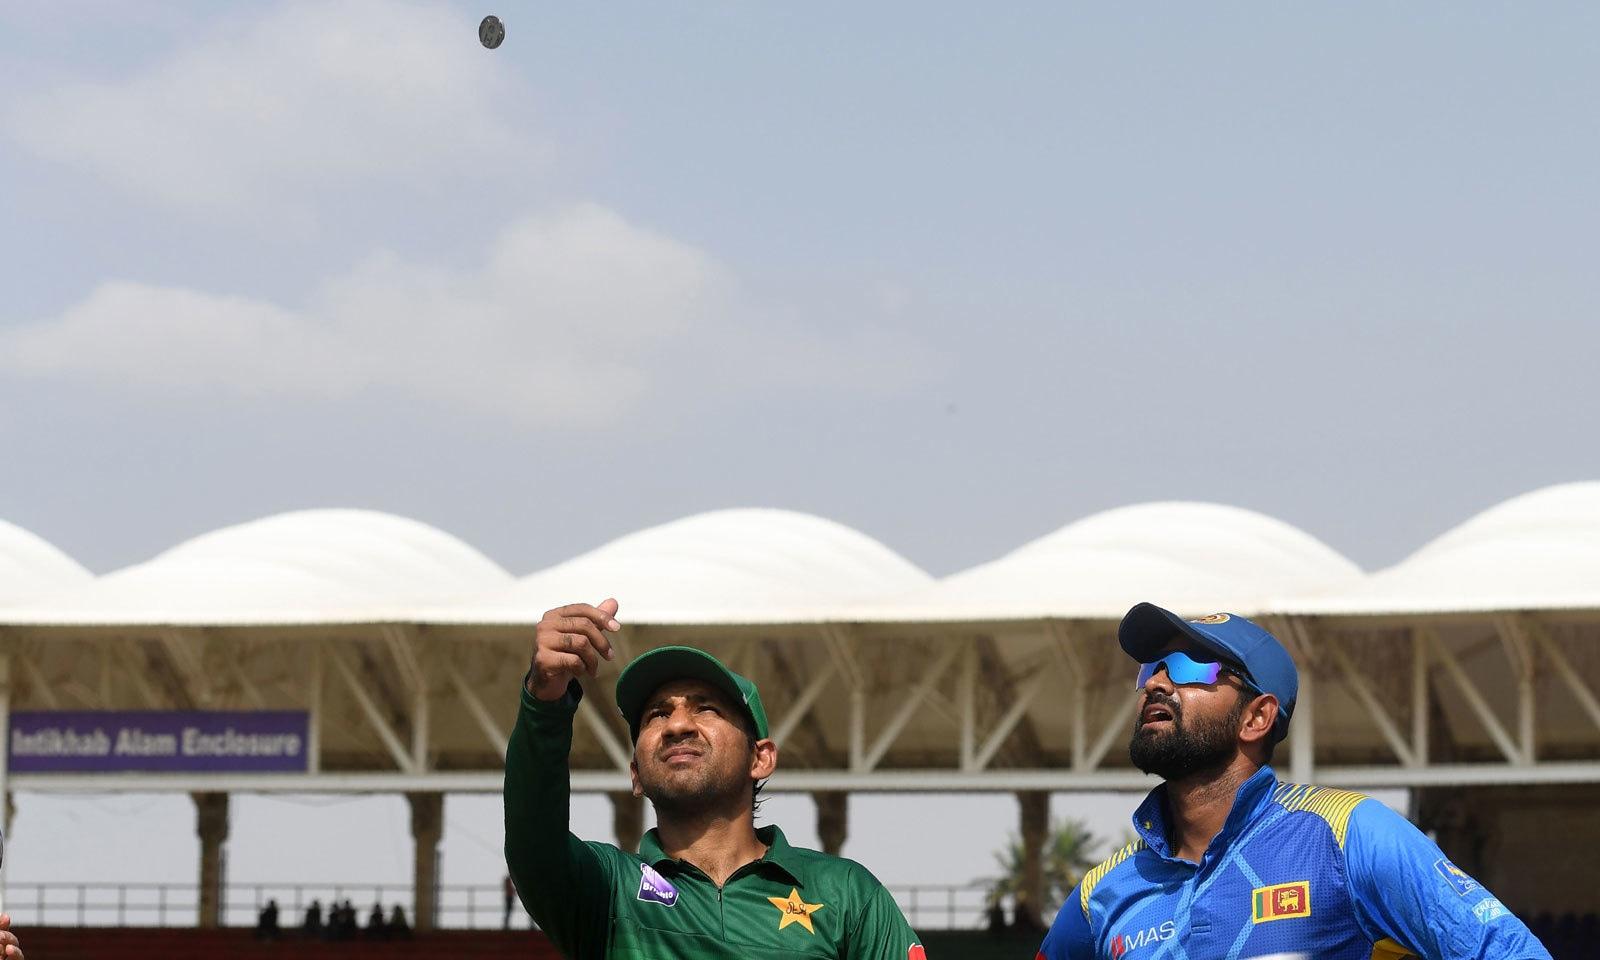 کراچی کے نیشنل اسٹیڈیم میں 10سال بعد ون ڈے کرکٹ کی واپسی ہوئی— فوٹو— اے ایف پی